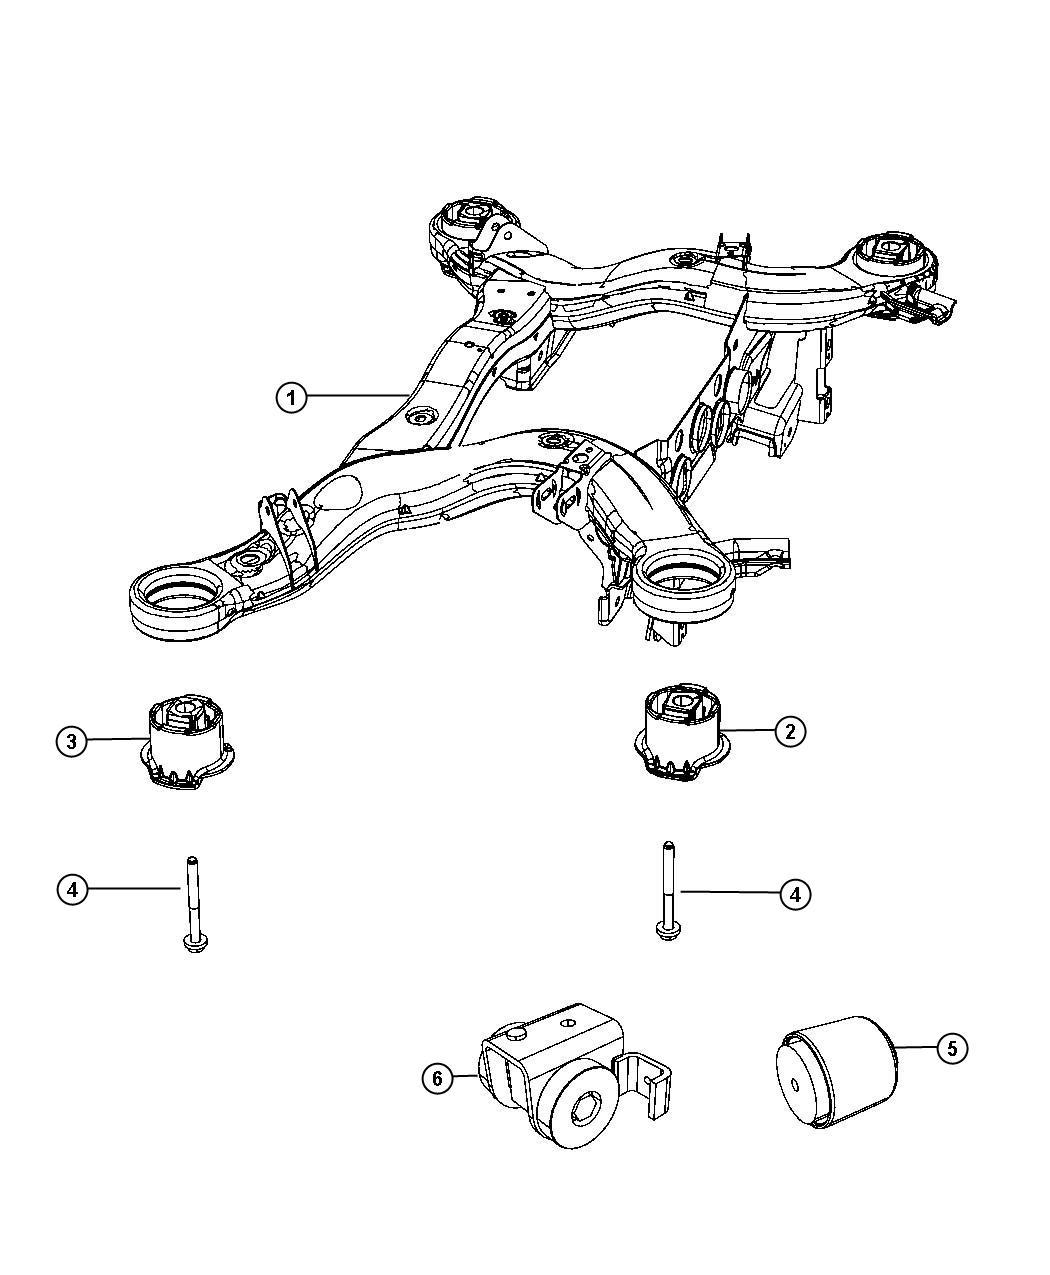 Jeep Grand Cherokee Cradle,Rear Suspension